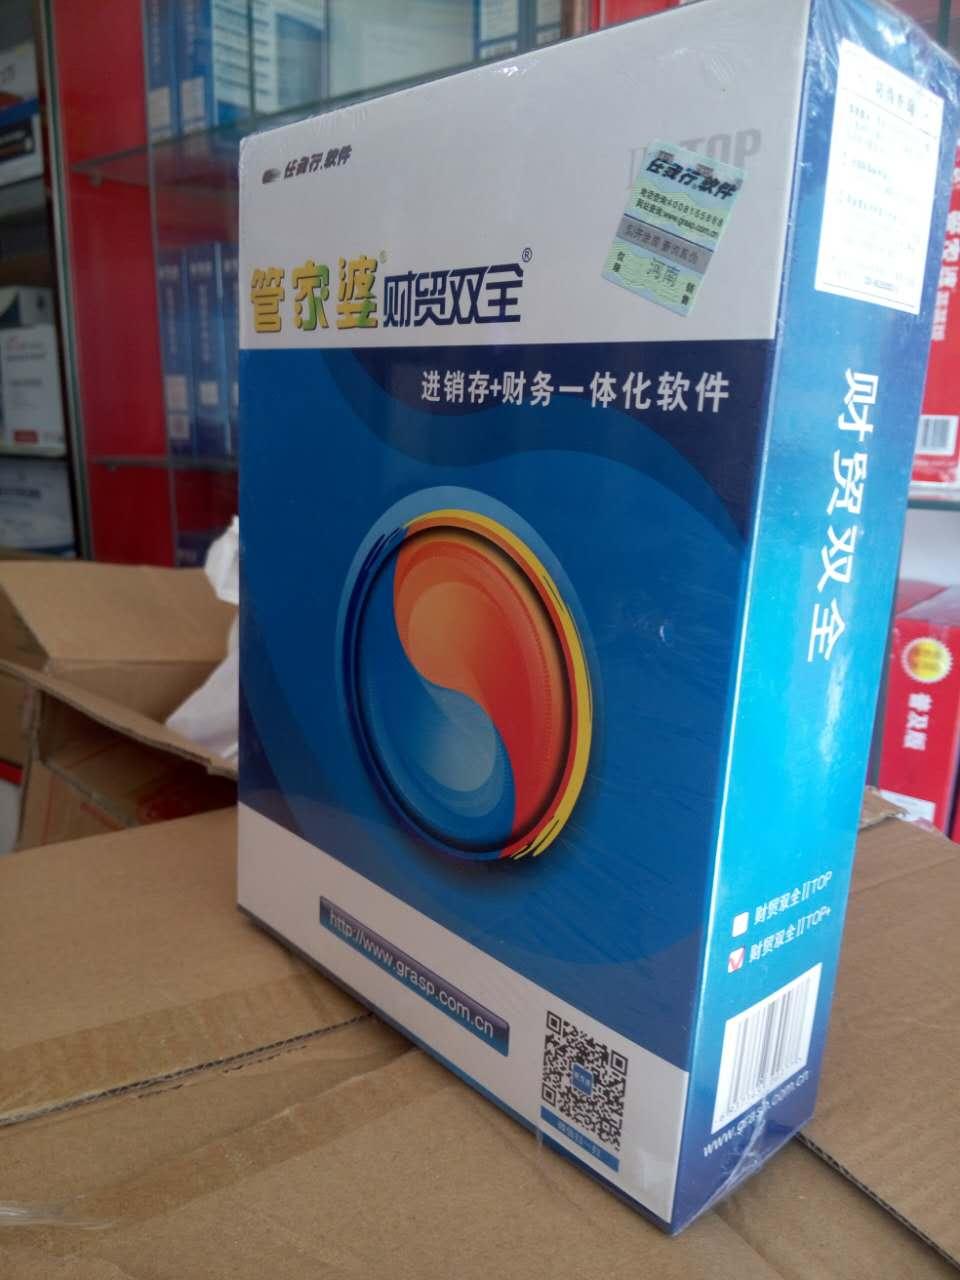 商丘好用的管家婆中小企业管理软件财贸系列软件供应_宁陵河南商丘